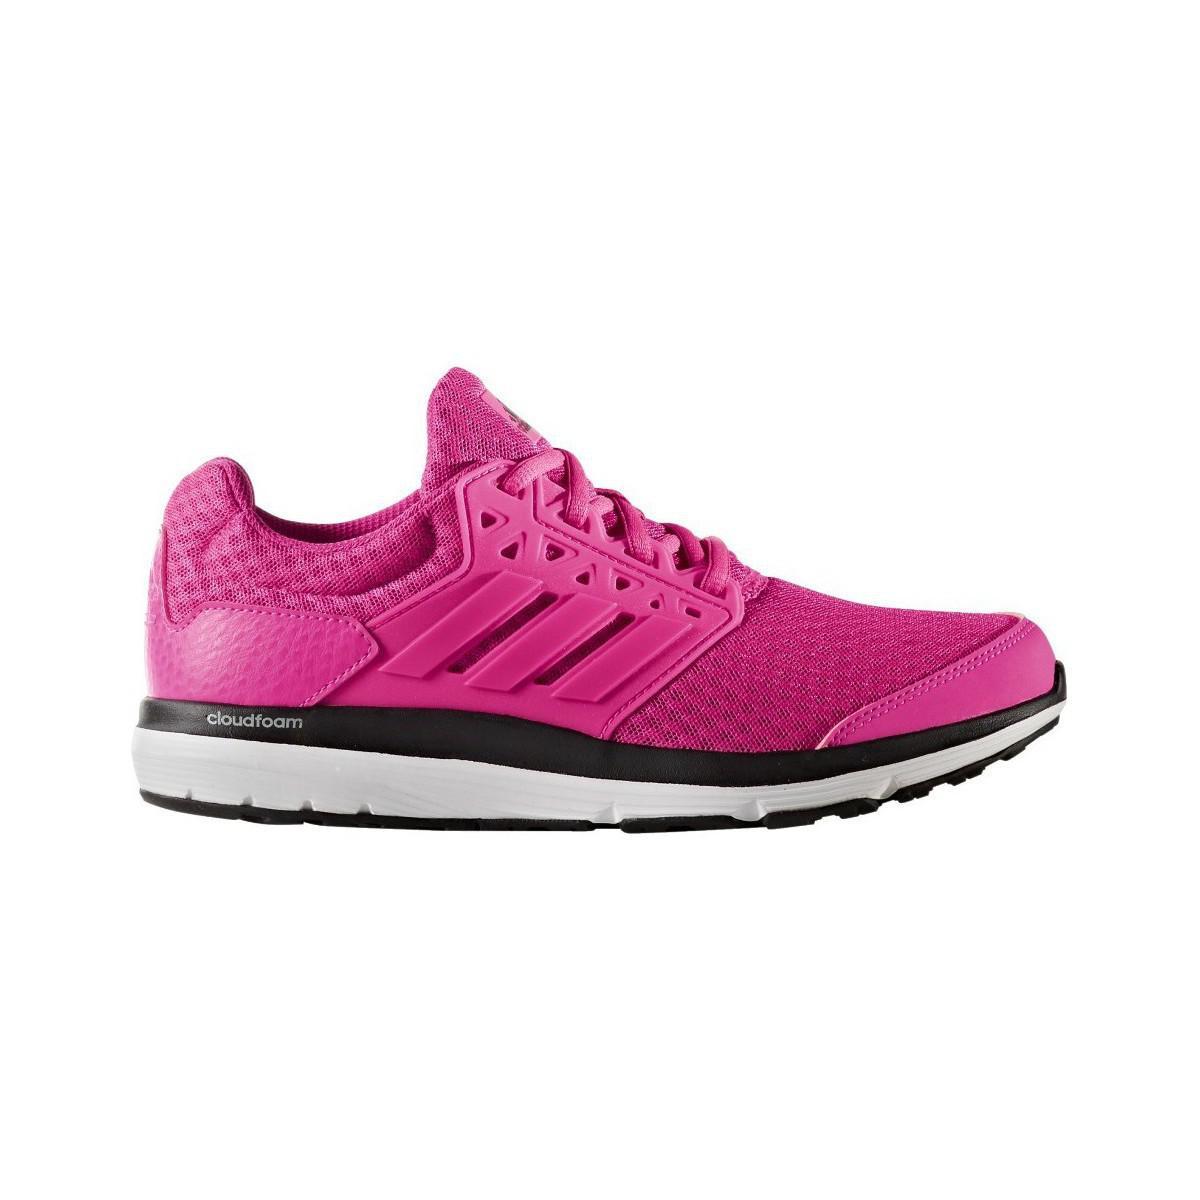 Lyst Adidas Galaxy en 31 para W W Zapatillas de running para mujer en blanco en blanco d397900 - generiskmedicin.website